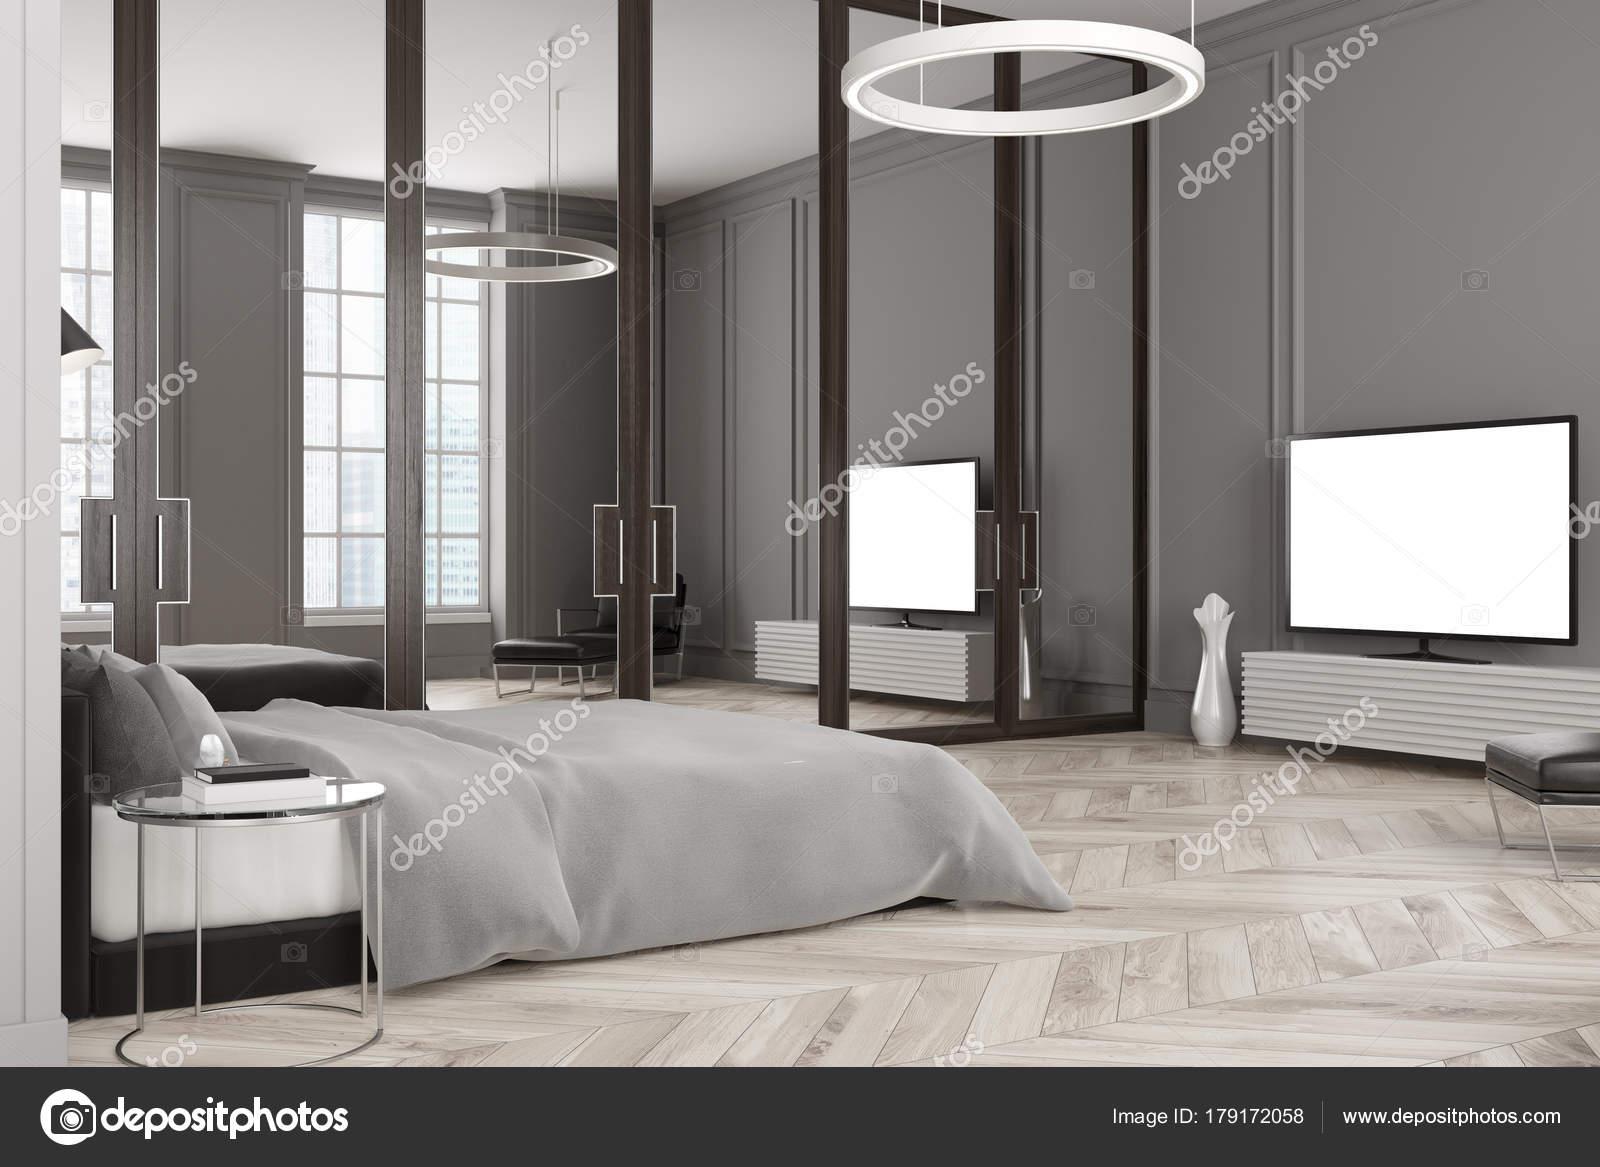 Tv Voor De Slaapkamer.Grijze Slaapkamer Interieur Tv Instellen Stockfoto